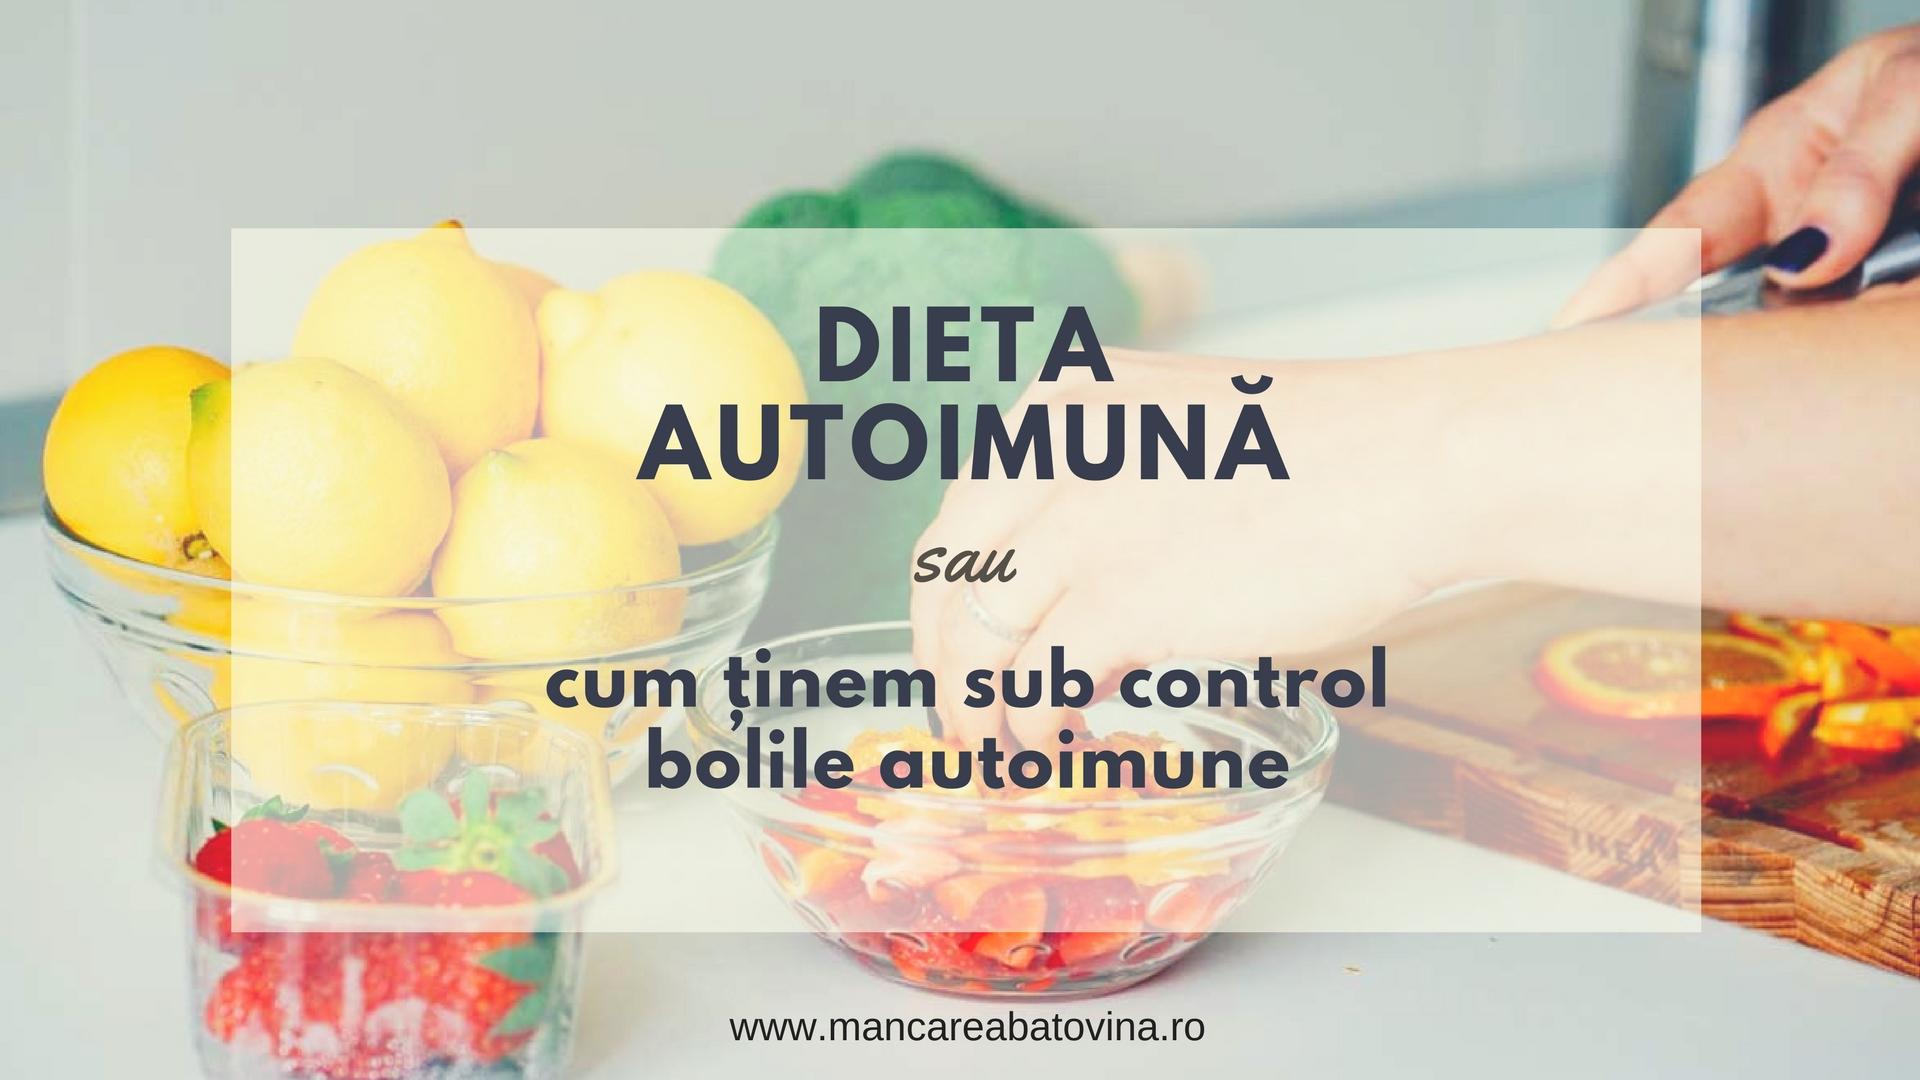 Dieta autoimună (AIP) – sau cum ținem sub control bolile autoimune